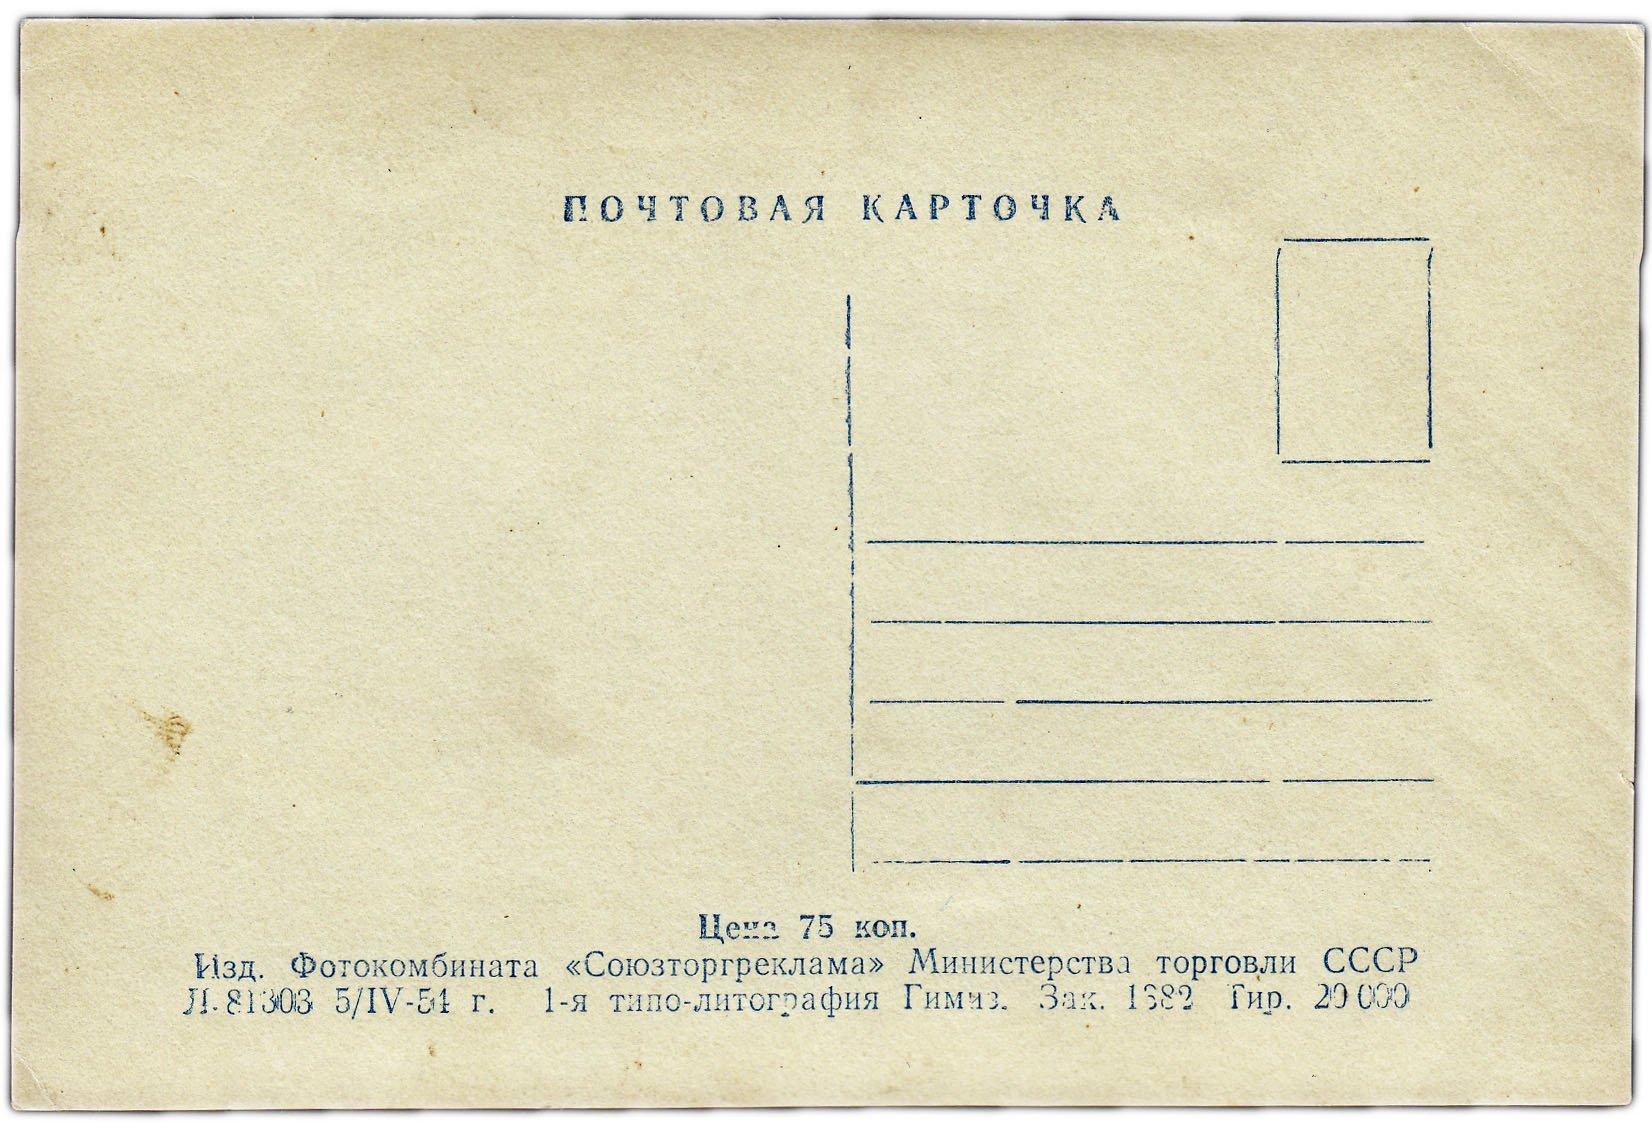 как страна первая стала использовать почтовые открытки